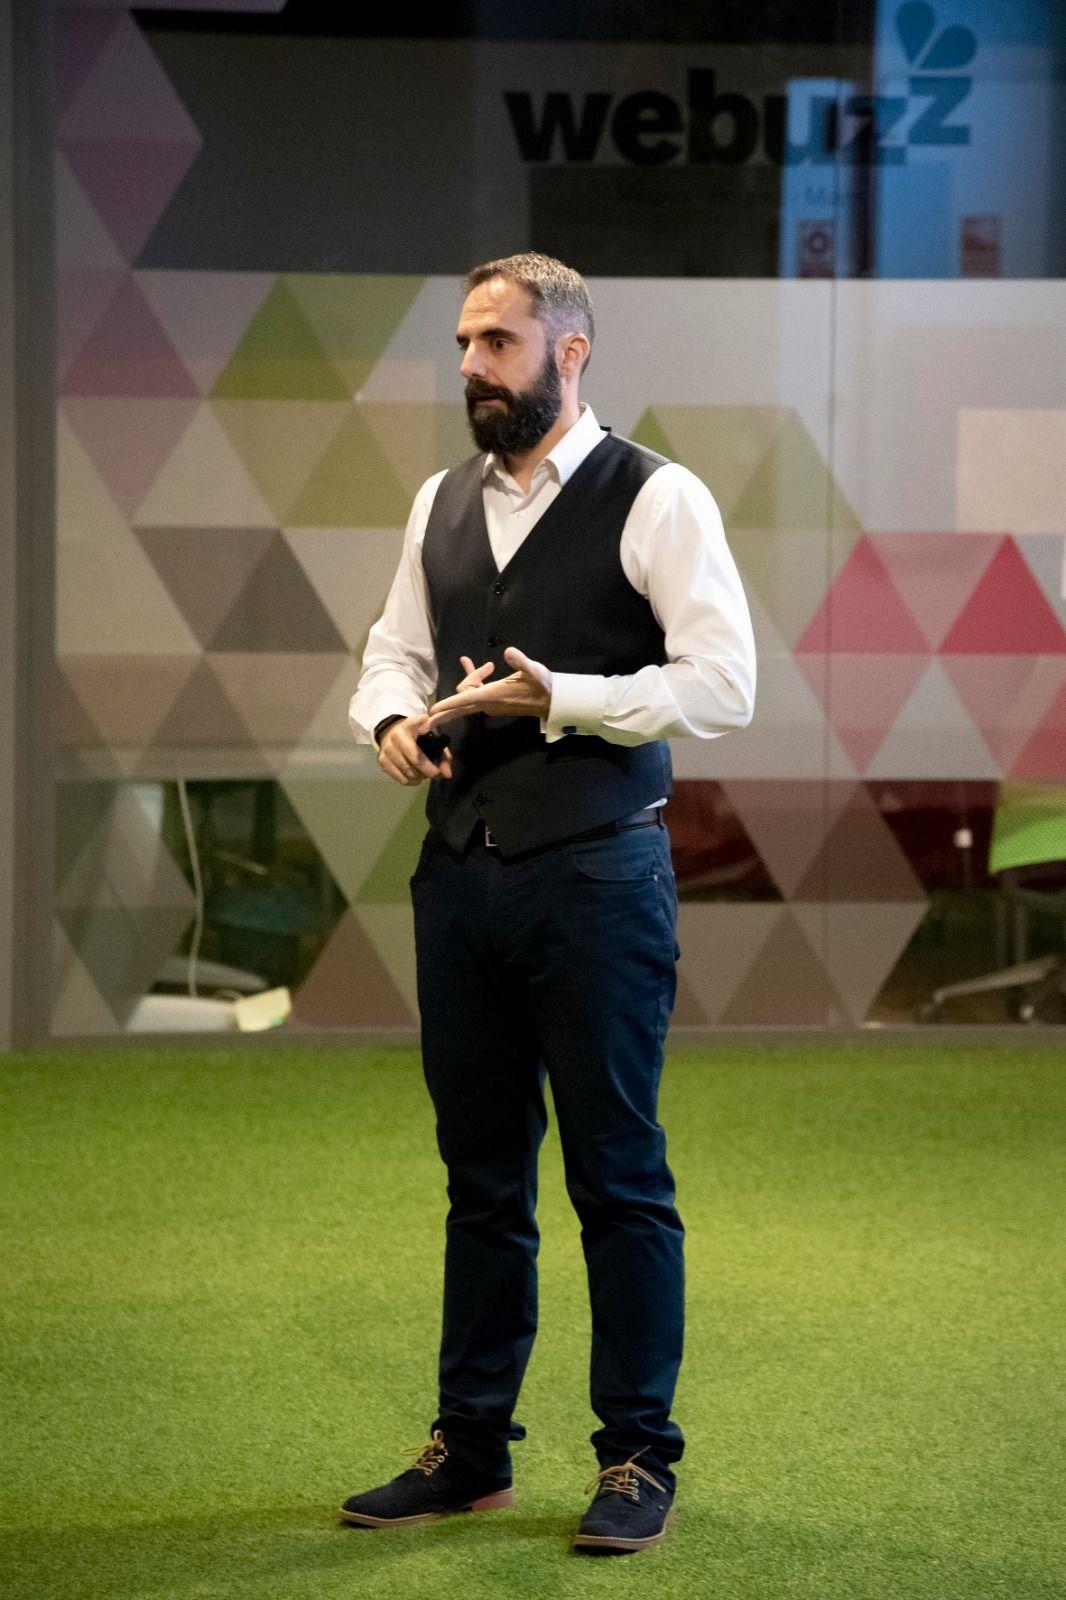 Un profesor de marketing ofrece ayuda gratis a pymes por LinkedIn y recibe más de 70 mensajes